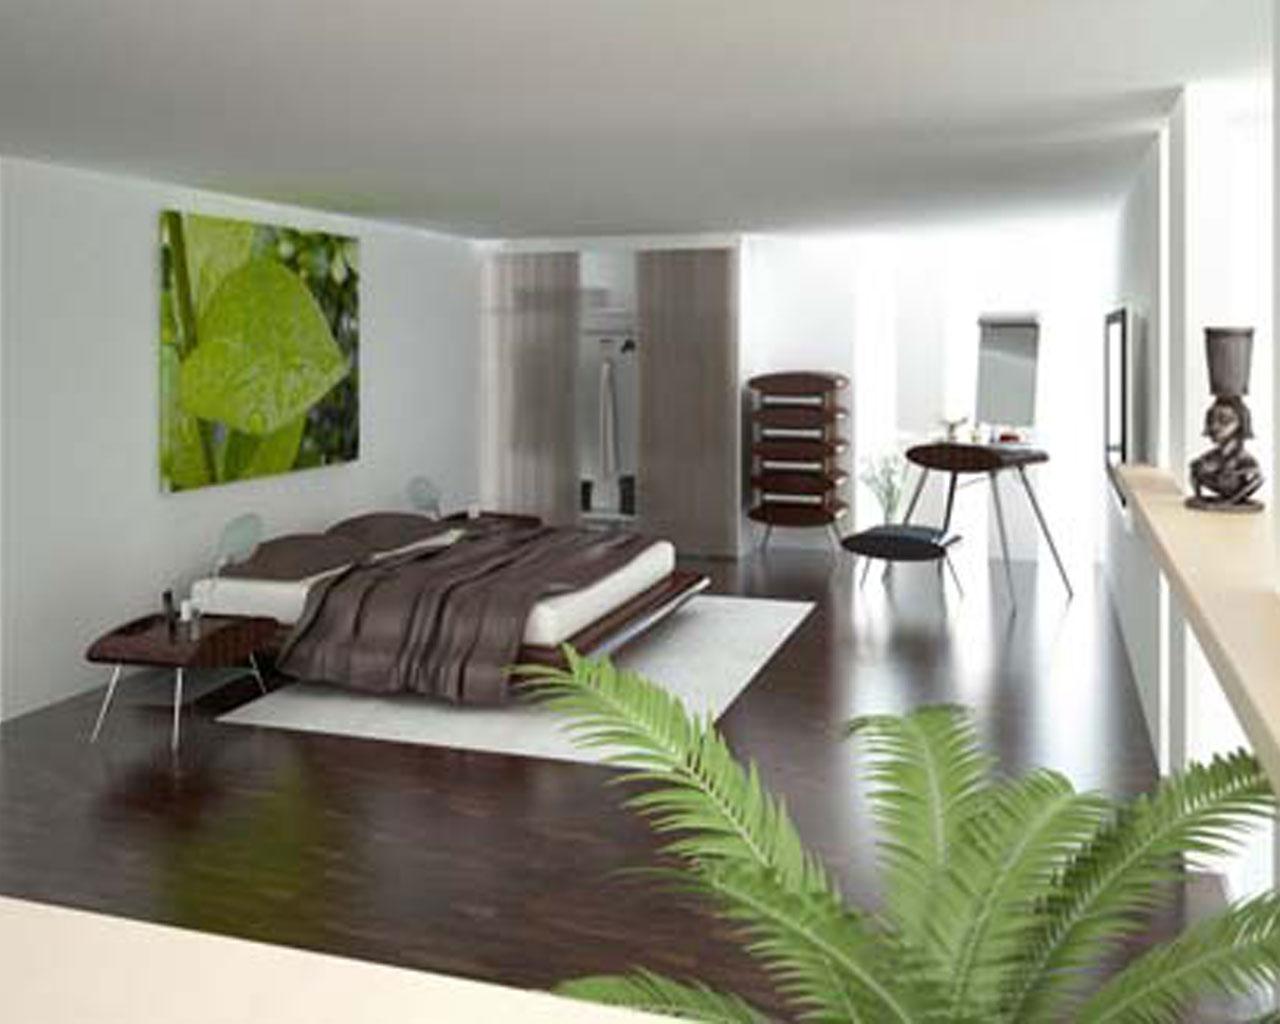 Green Modern Bedroom Wallpaper Design   Decoseecom 1280x1024